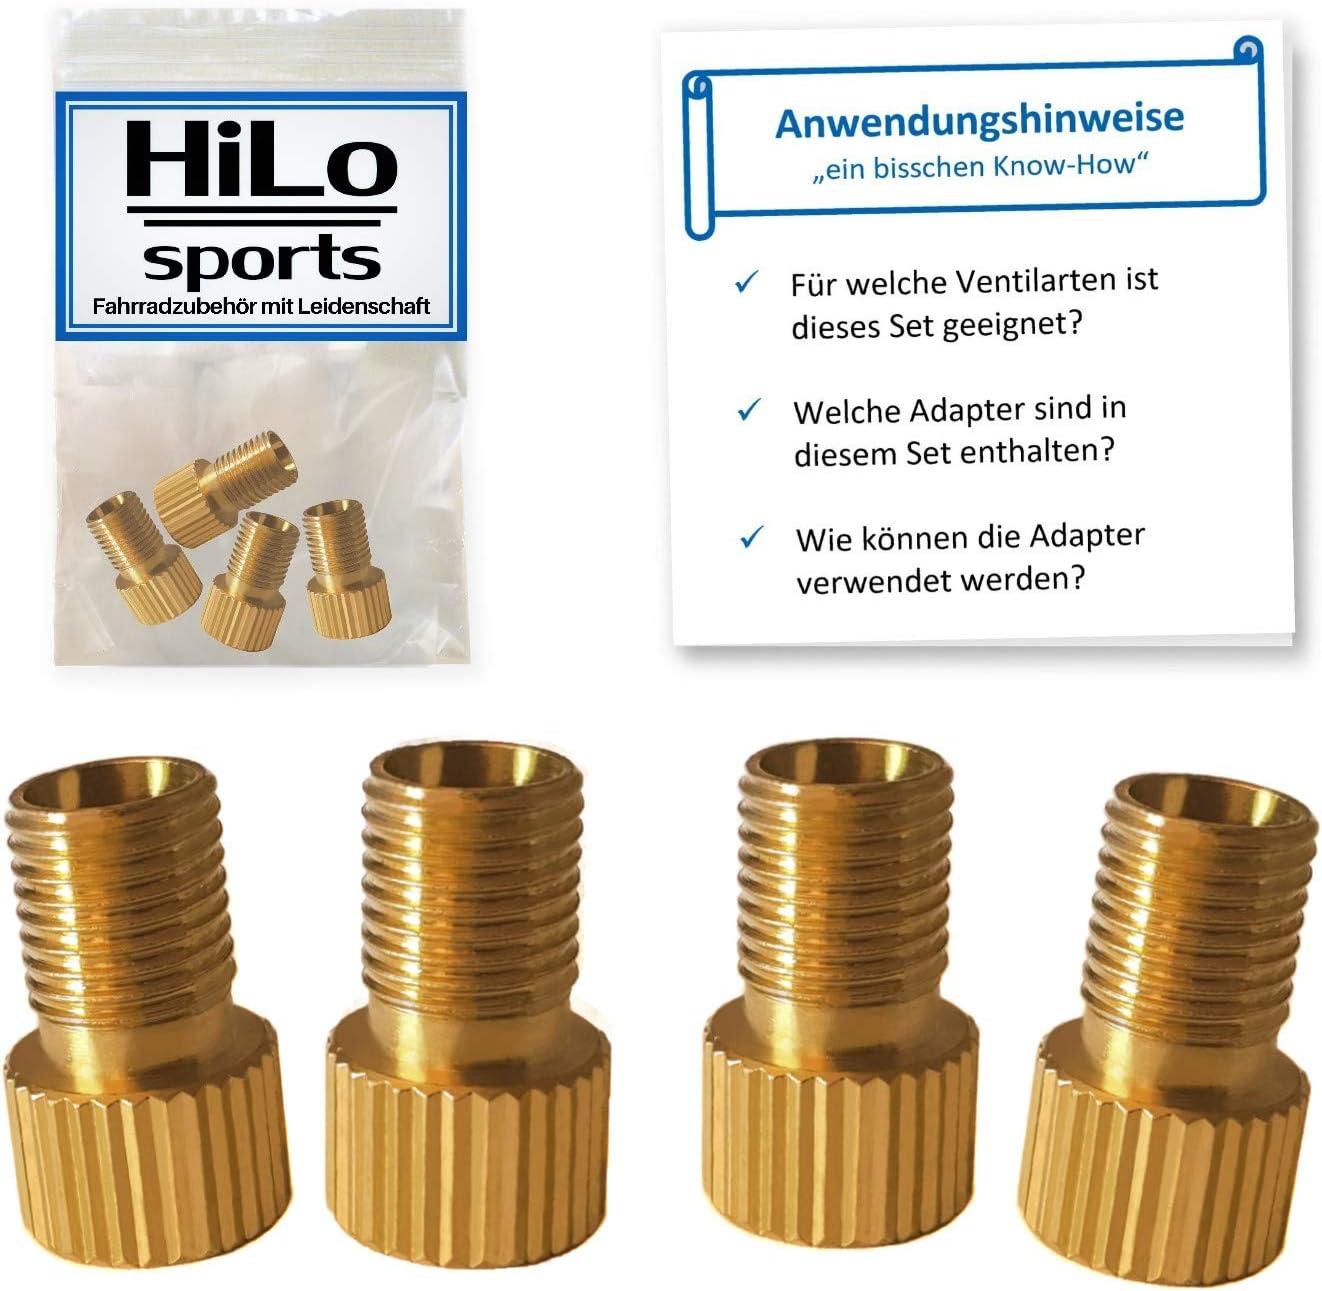 HiLo sports 4er Set Fahrrad Ventiladapter Radventil Adapter Valve Adapter Ventil Adapter f/ür DV SV Ventile Fahrradventil Adapter mit Anleitung